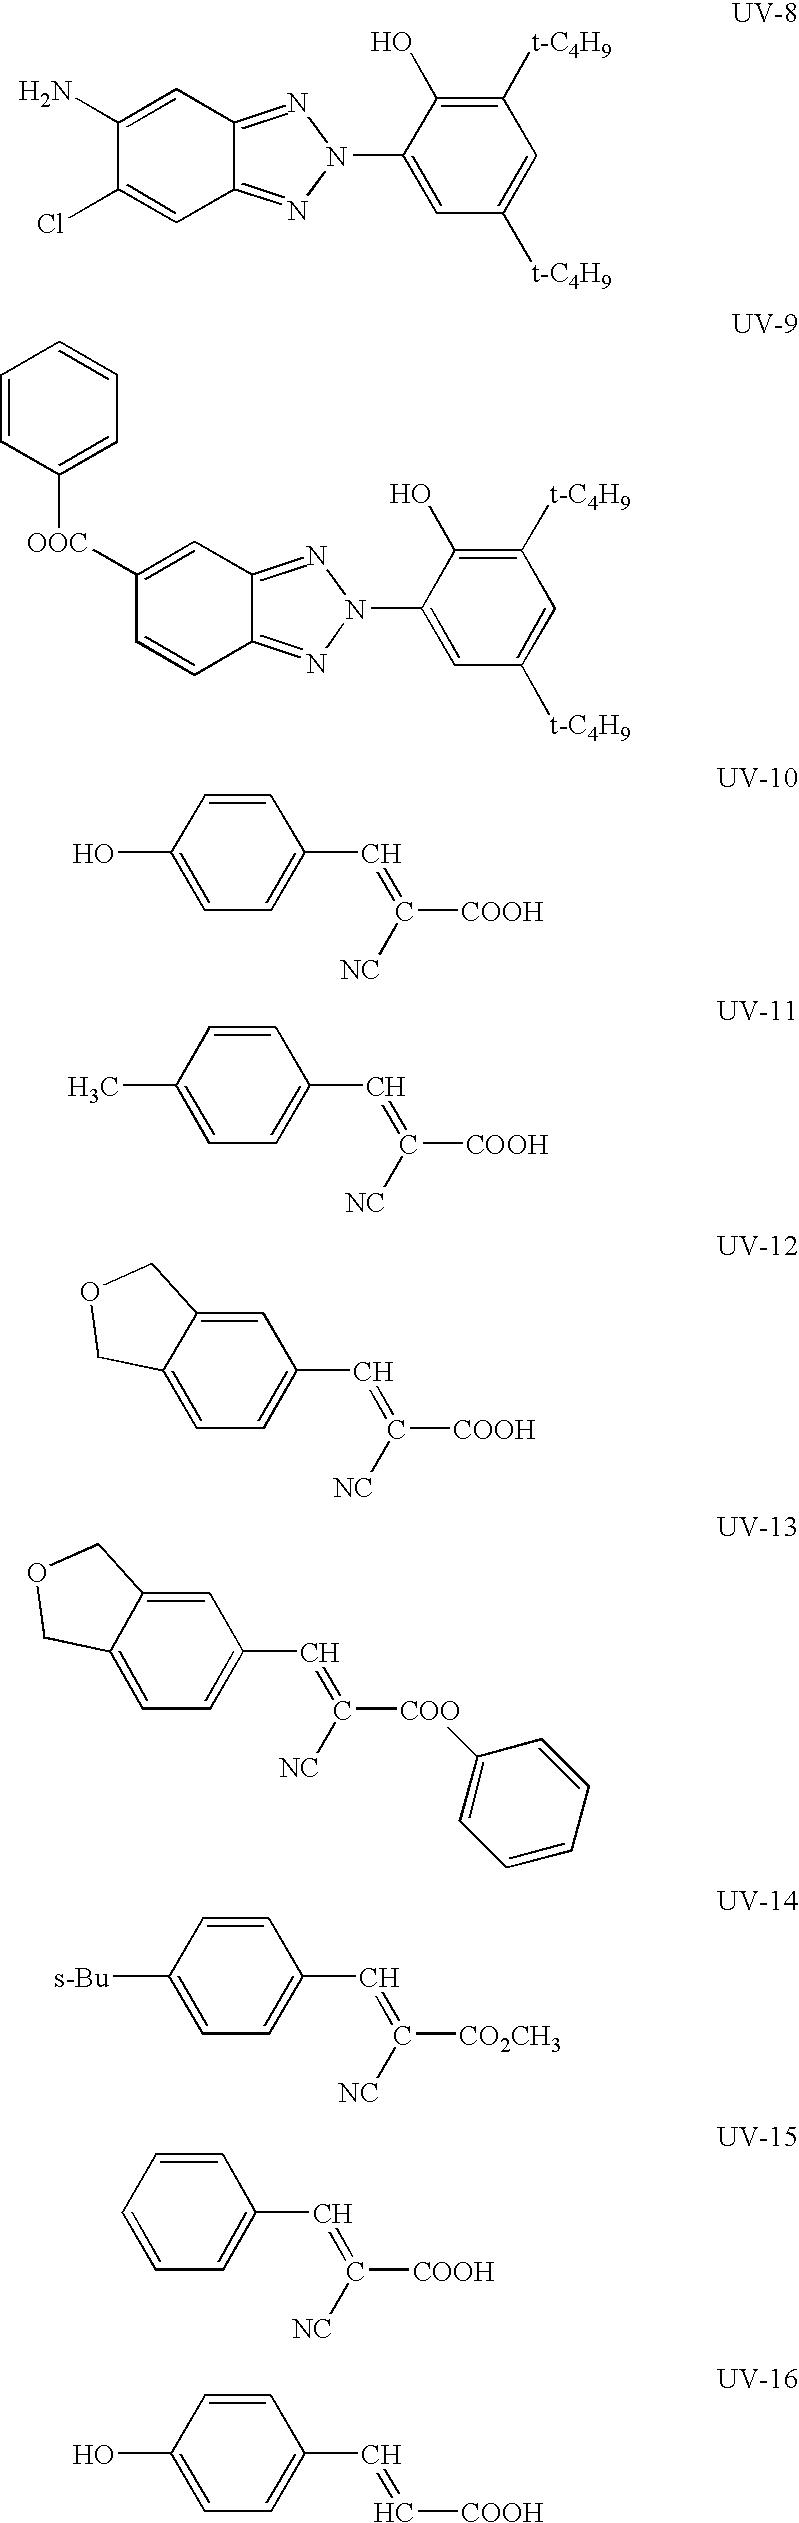 Figure US20060204457A1-20060914-C00004